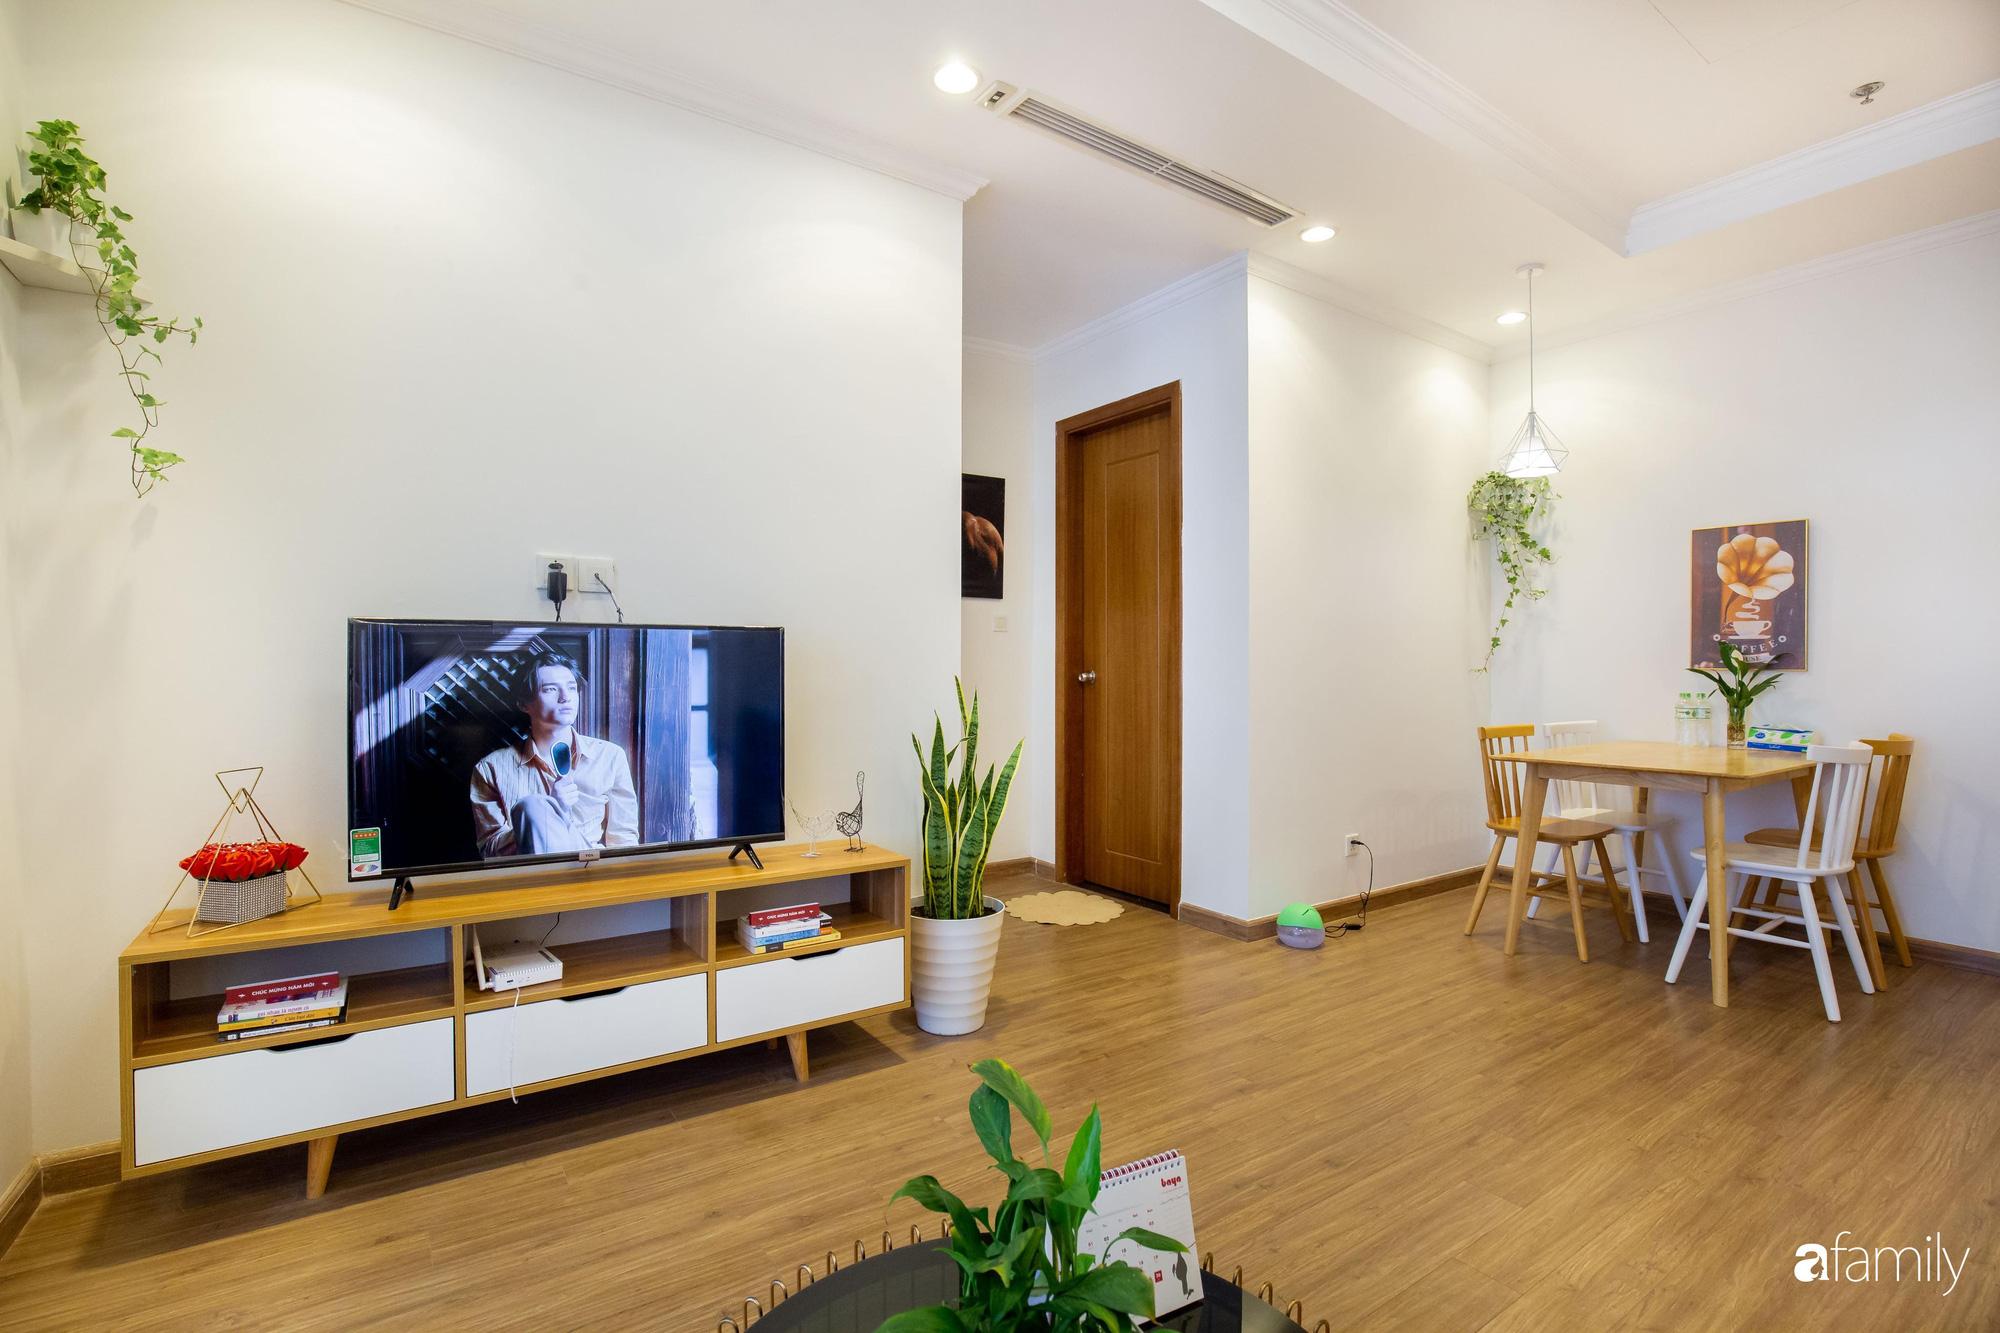 Thiết kế đơn giản với nội thất tiện nghi, căn hộ 53m2 trên tầng cao khiến nhiều người ao ước sở hữu ở Hà Nội - Ảnh 1.